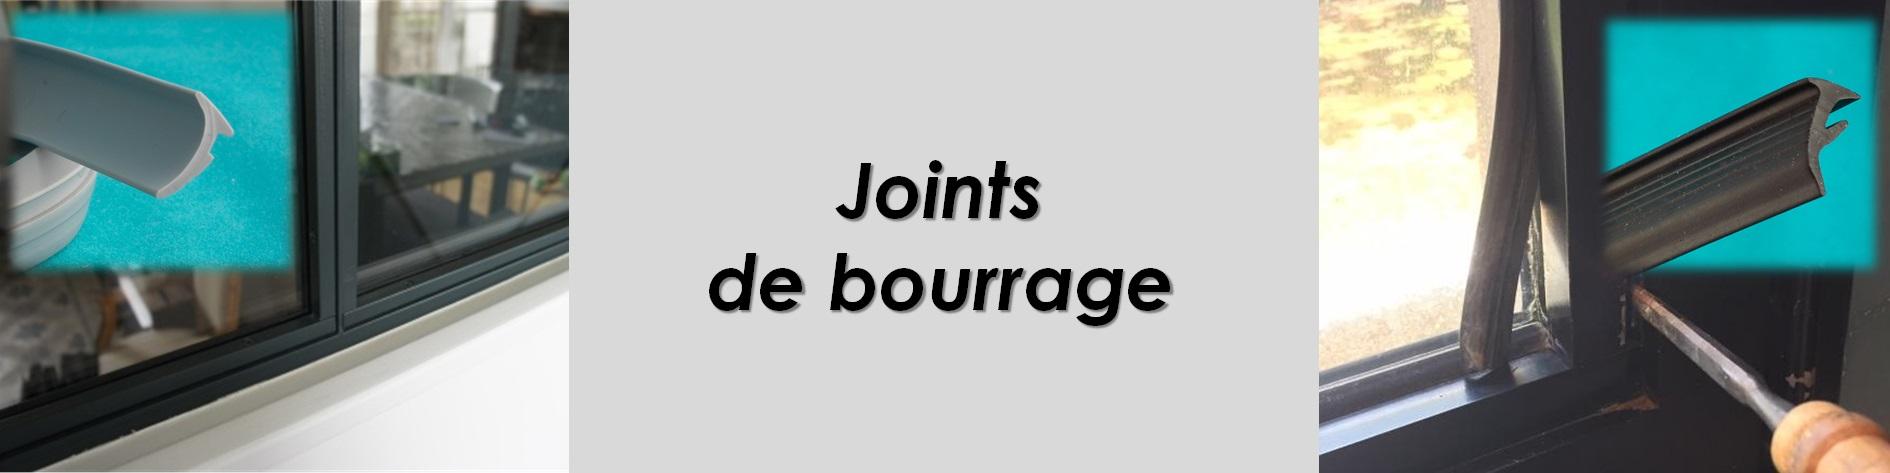 Joint de bourrage, remplacement du mastic